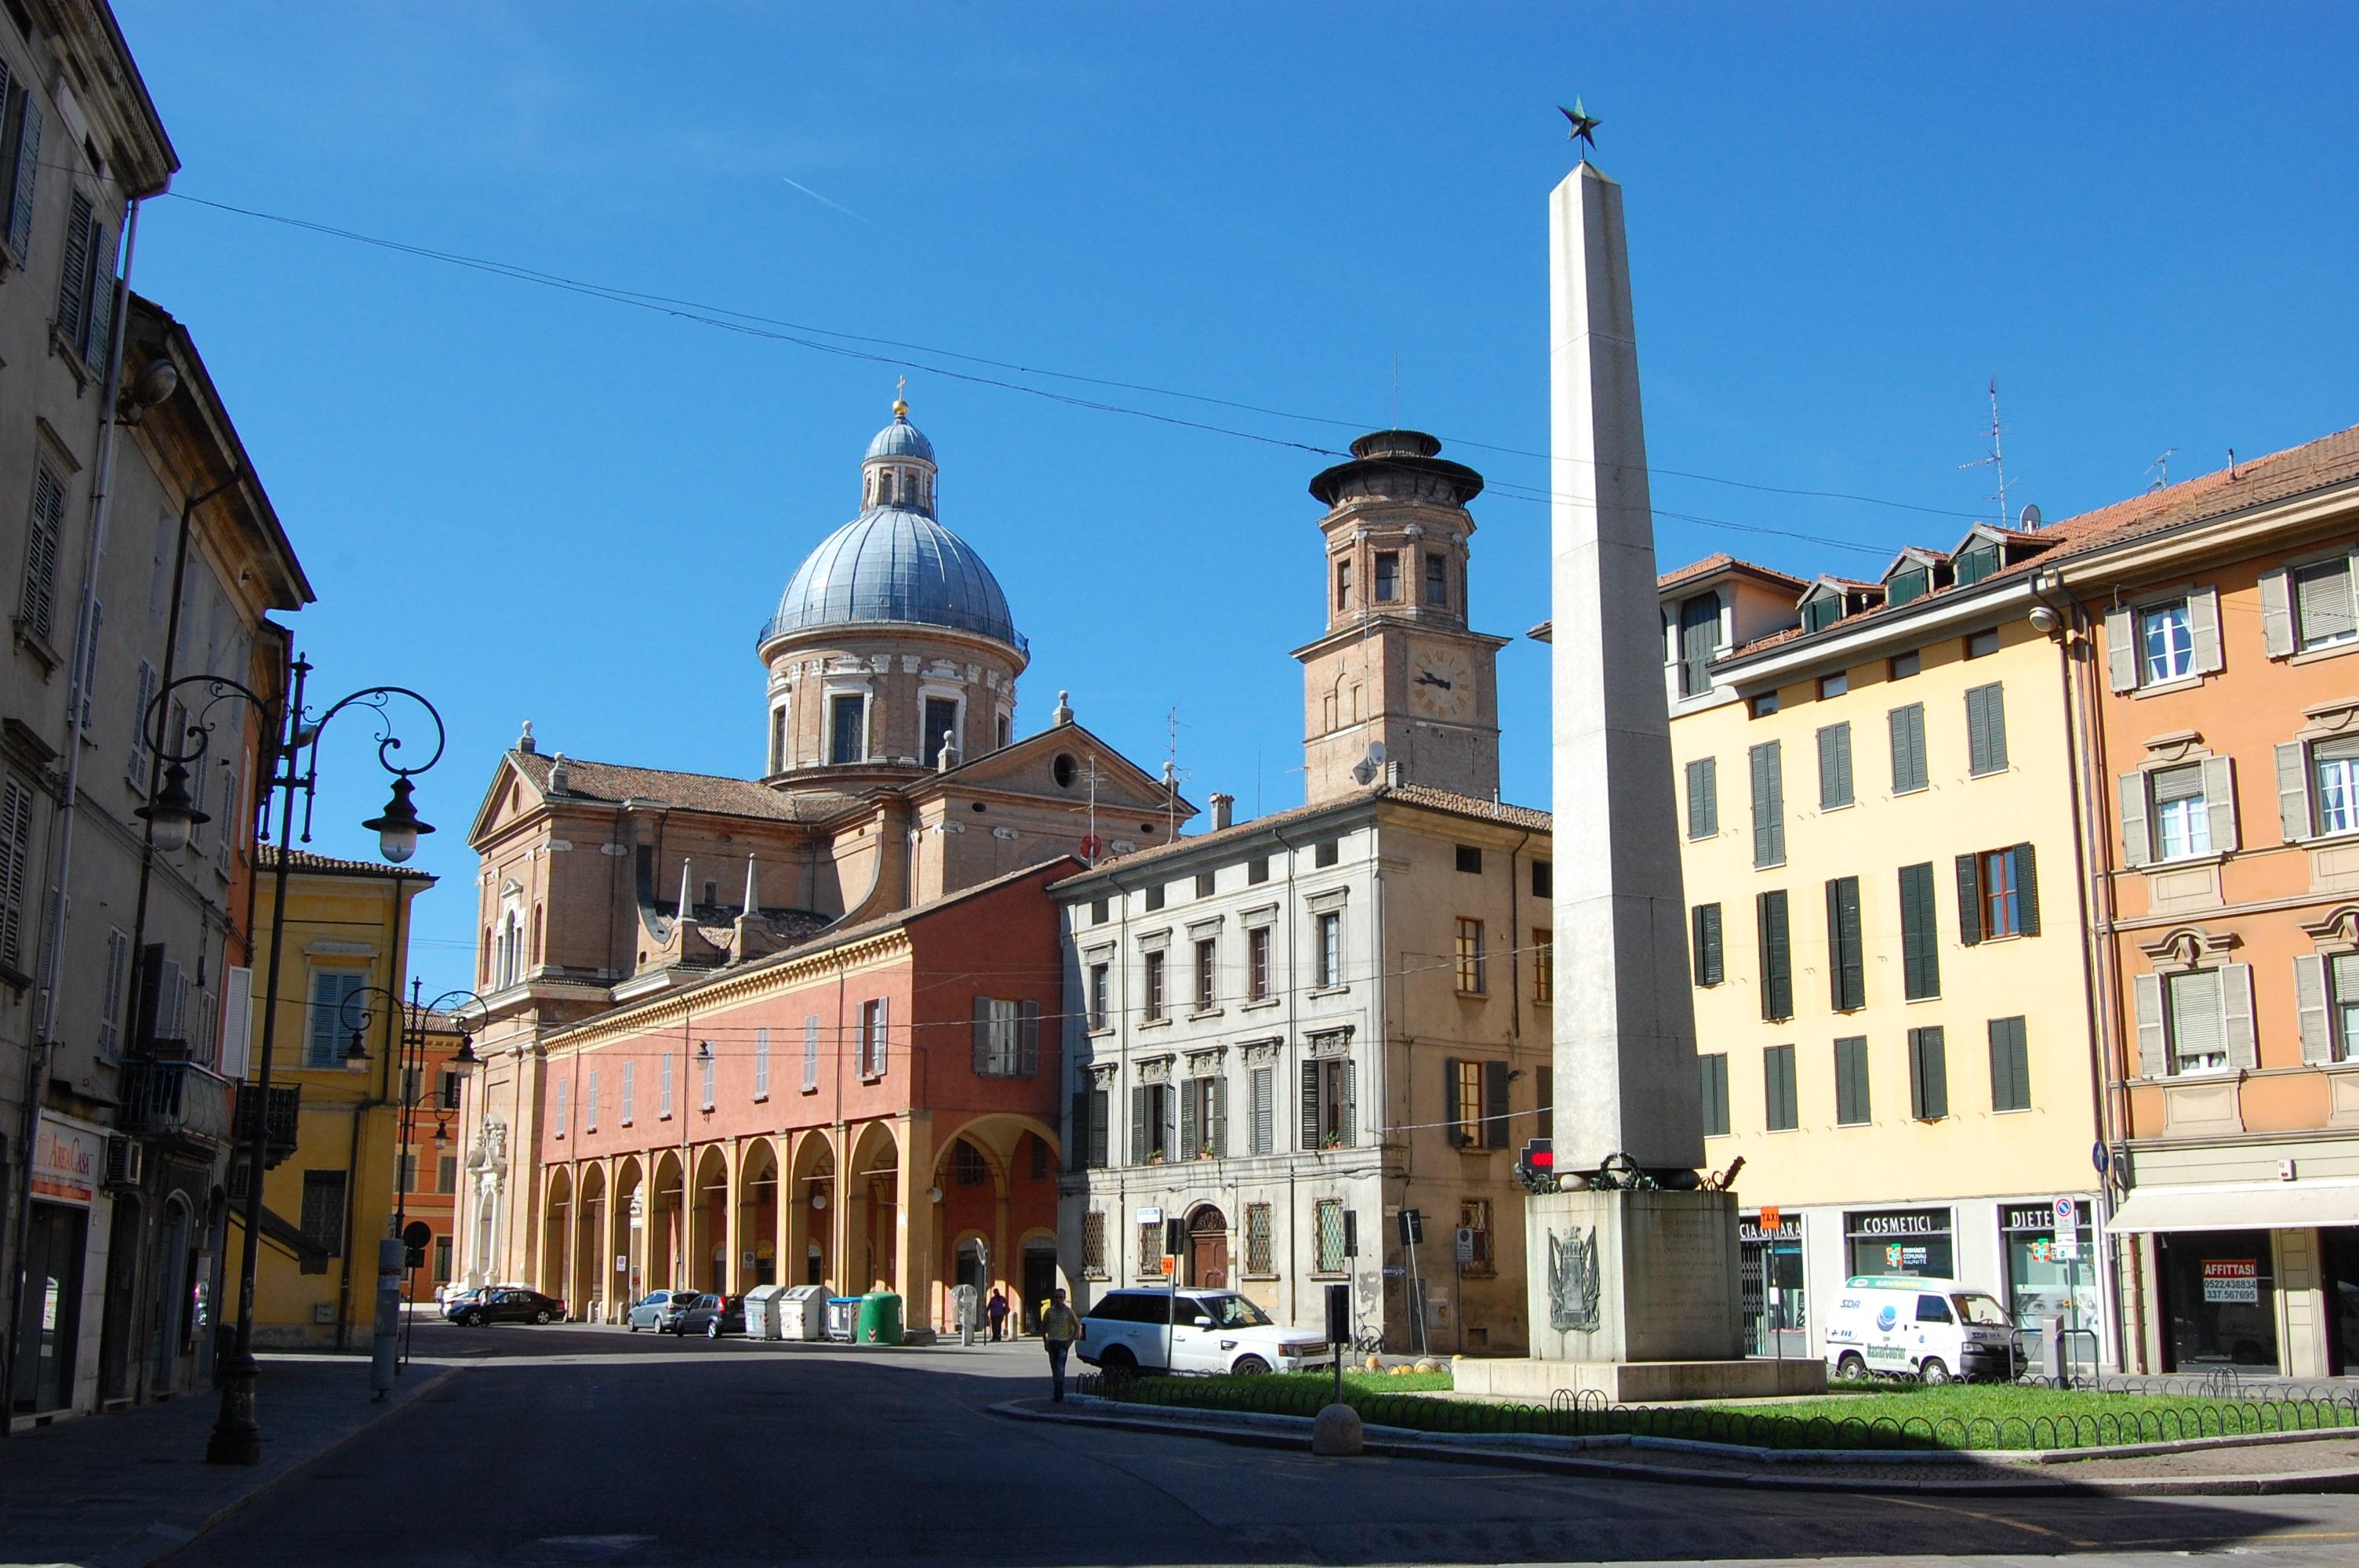 bilik-emilia-beata-vergine-della-ghiara-secret-world